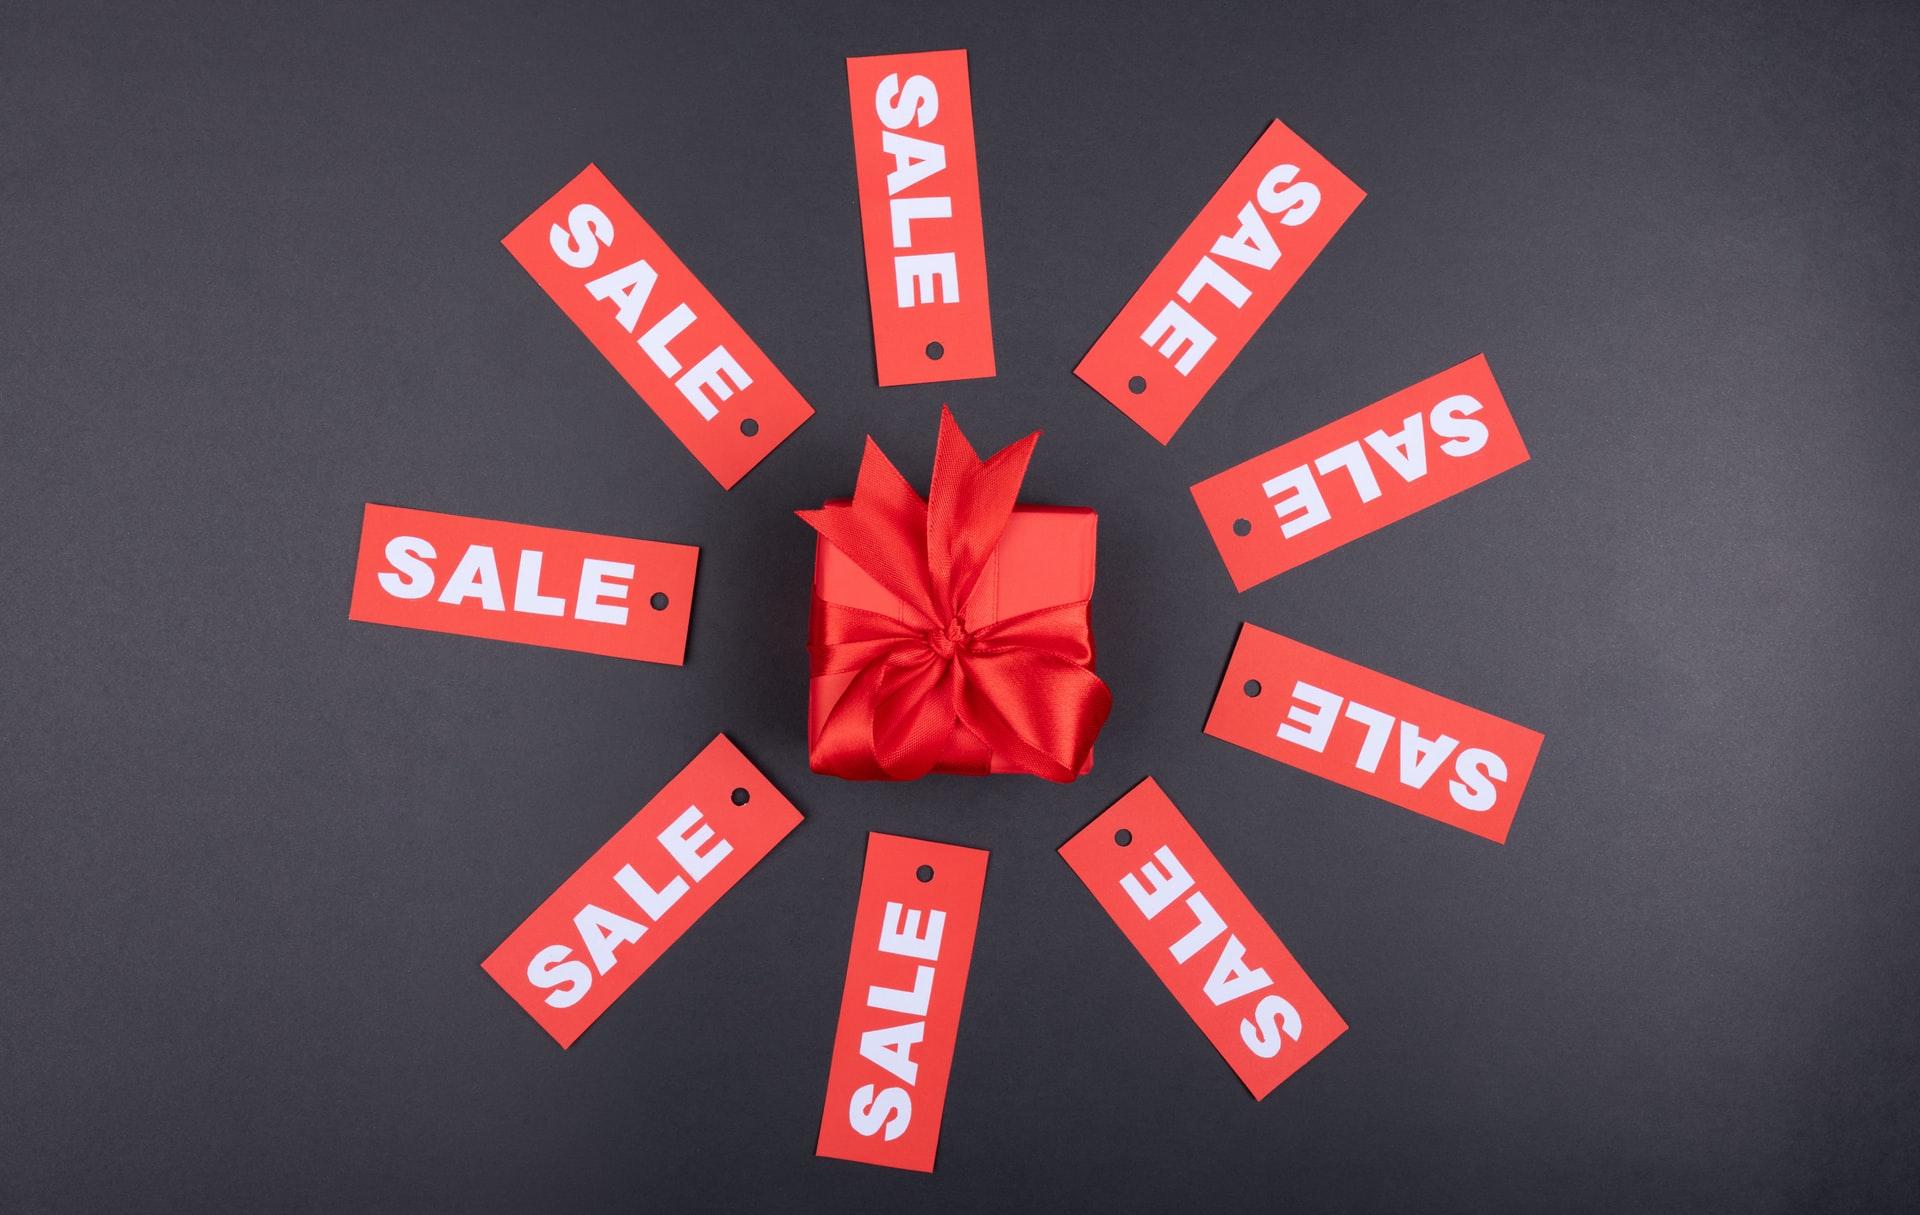 セール、ディスカウント、sale、discount